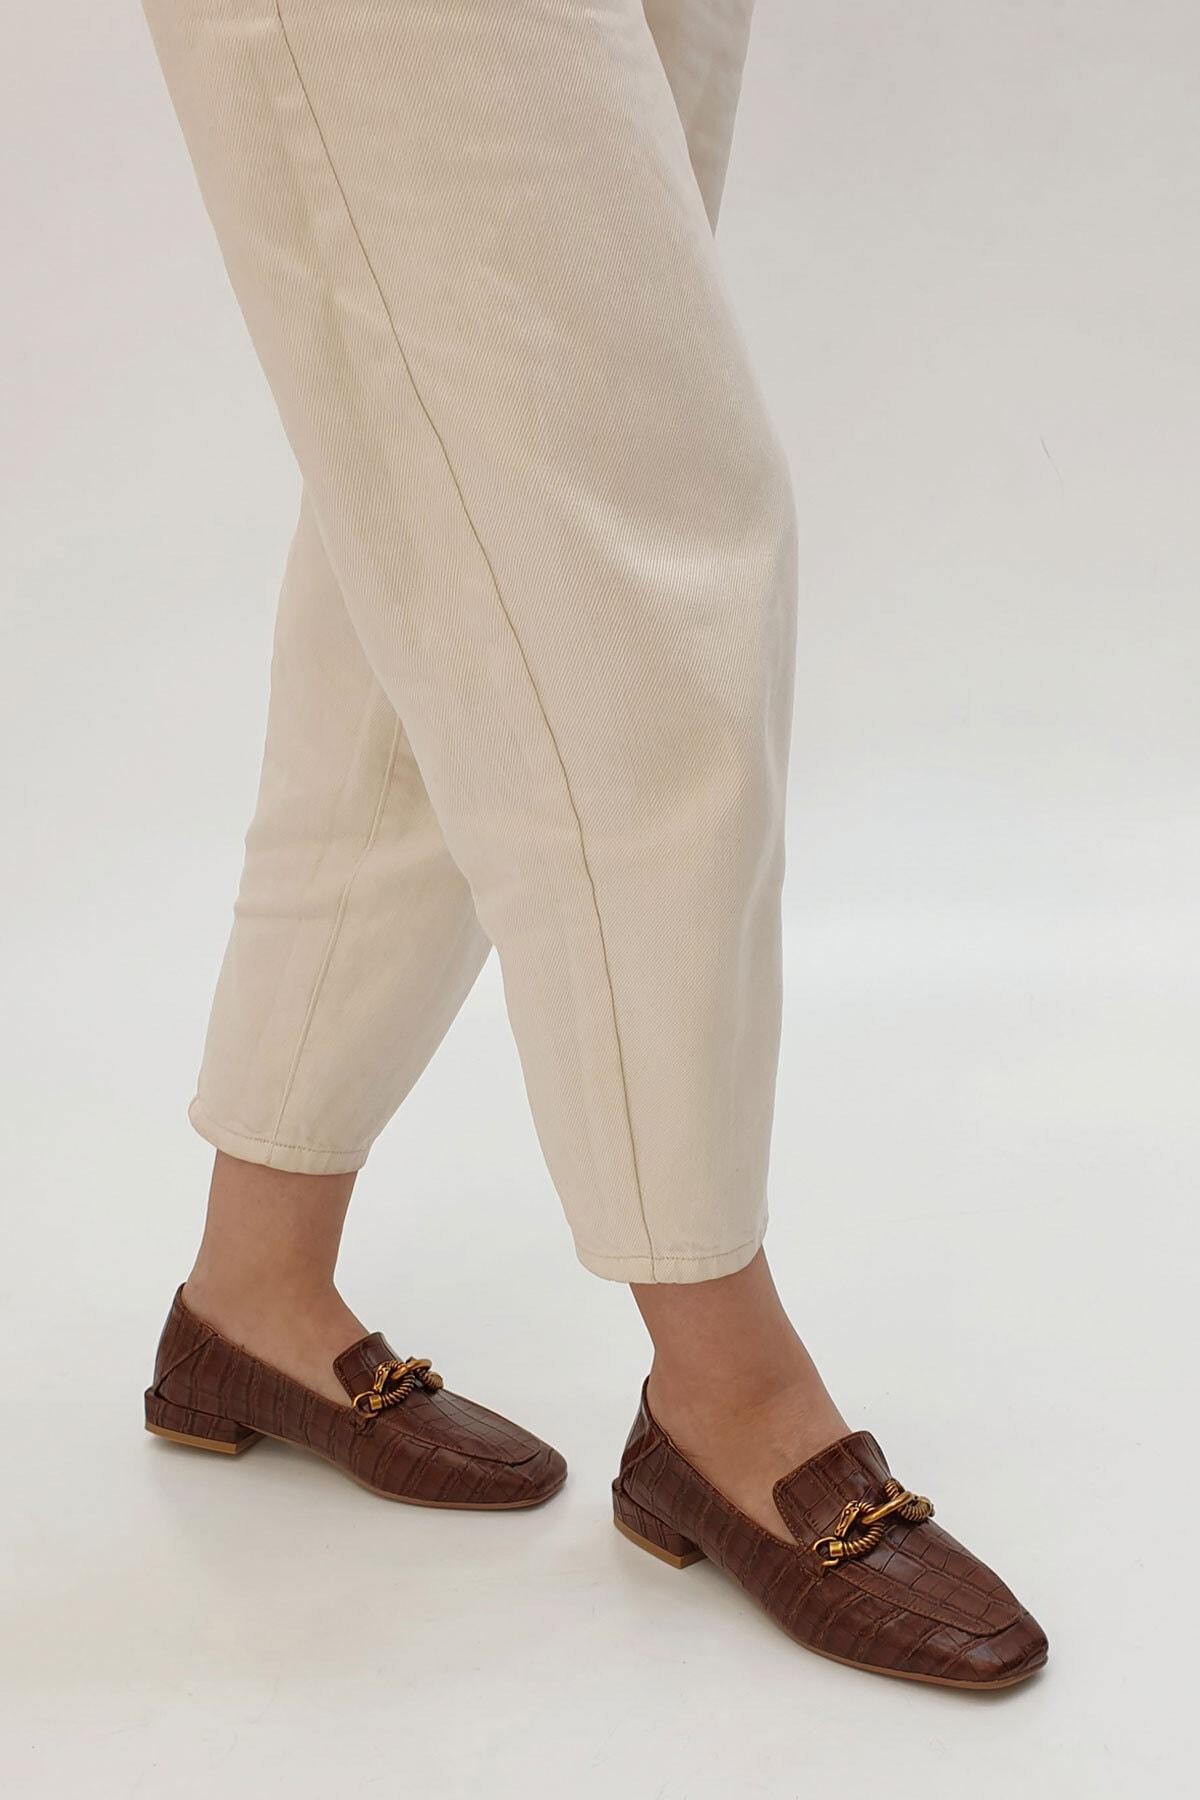 Marjin Kadın Kahve Croco Loafer Ayakkabı Alva 3